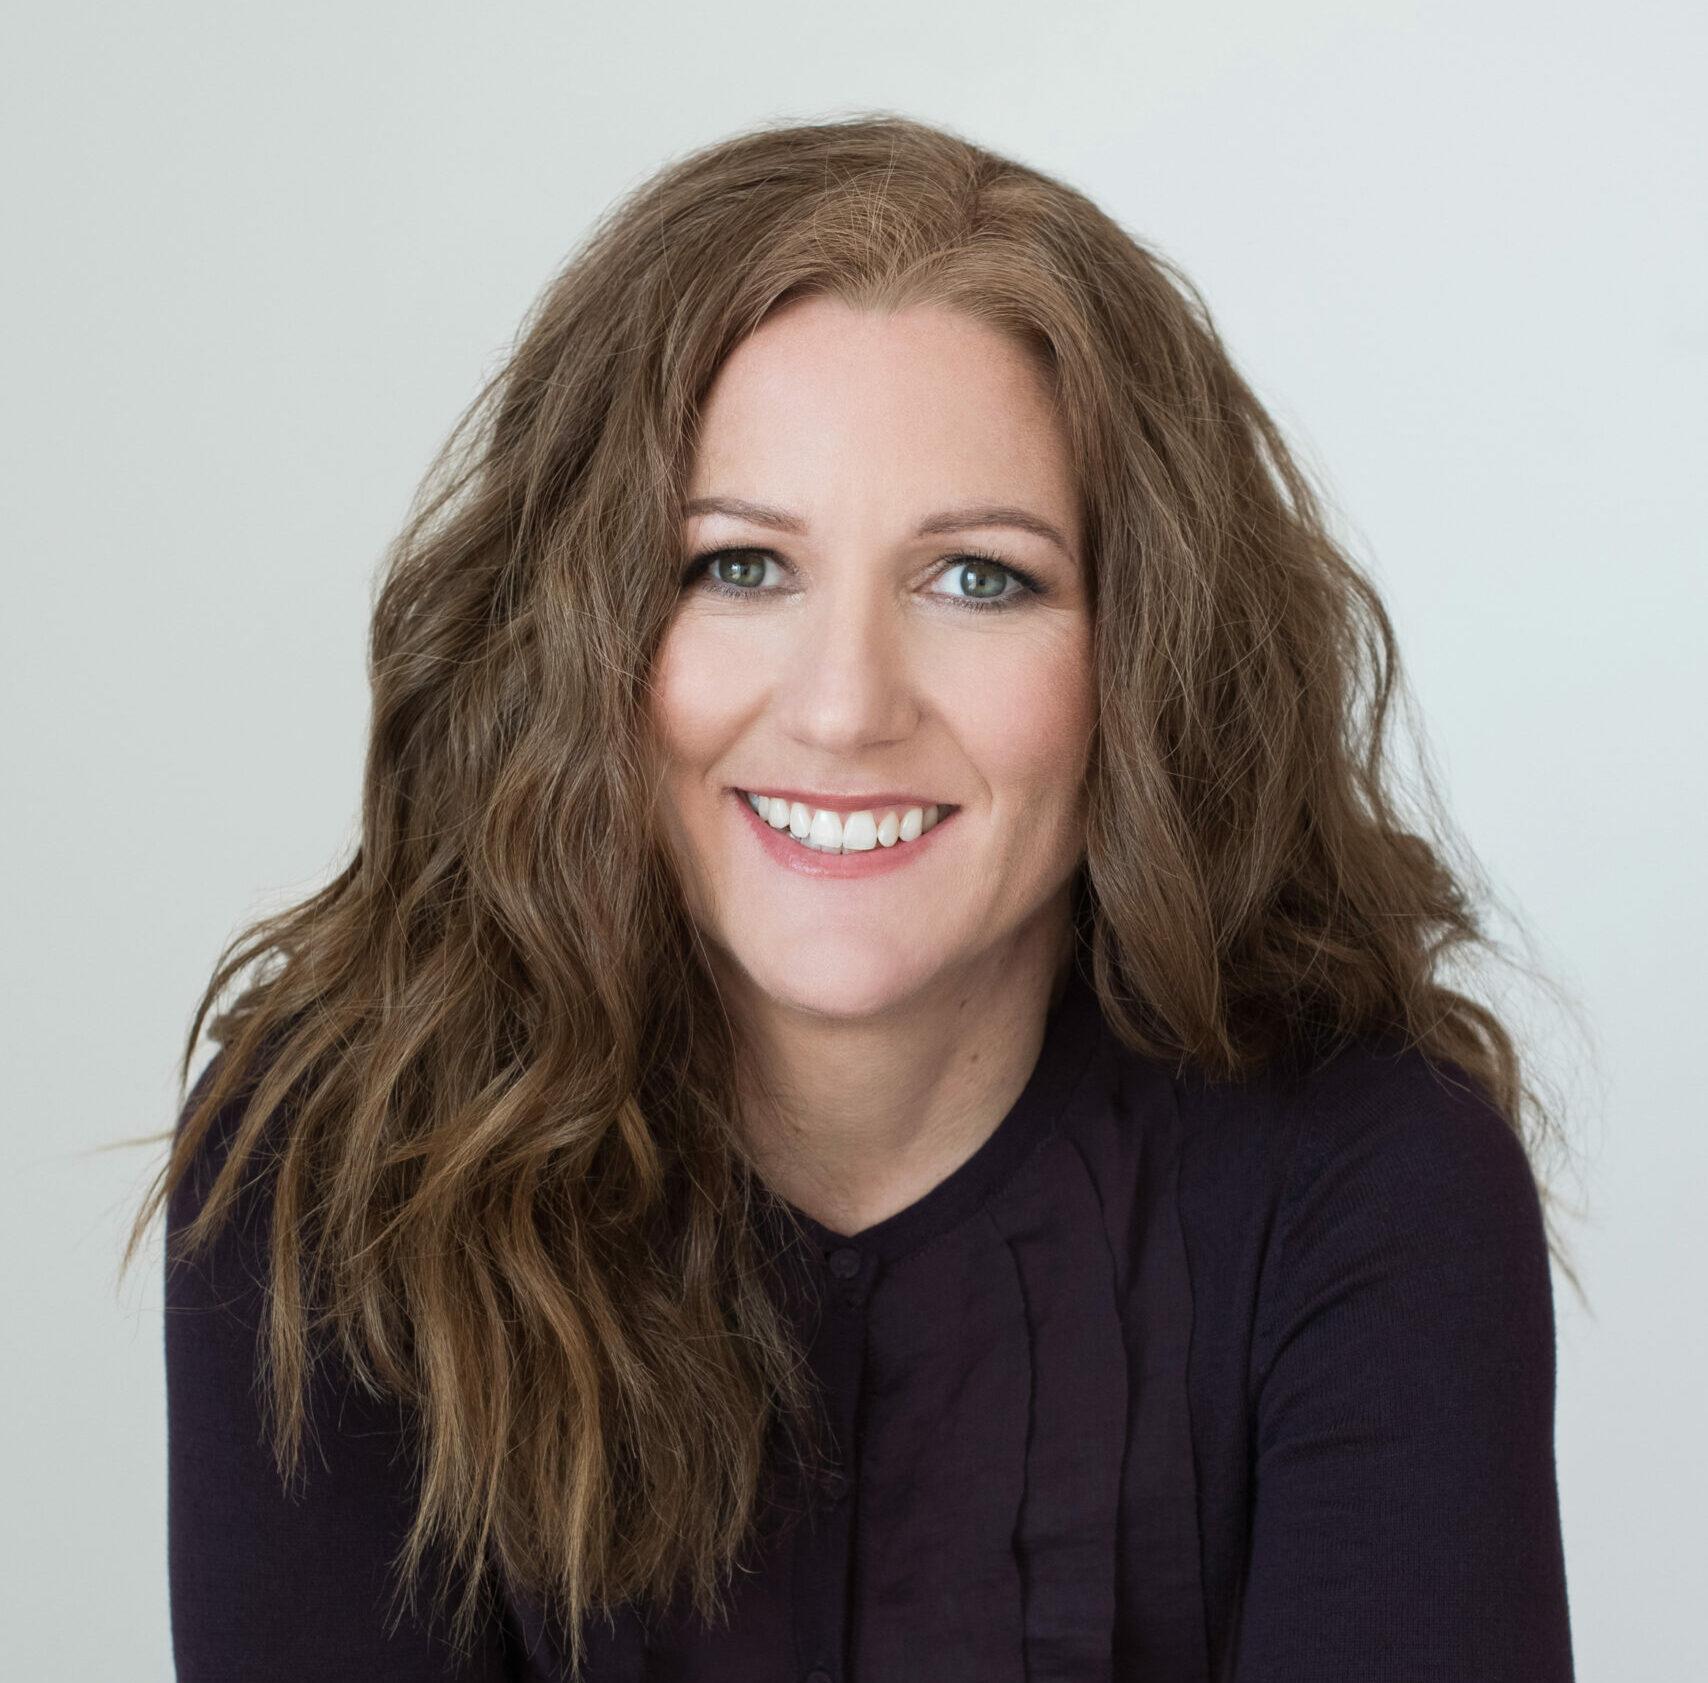 Sarah Gould Wright